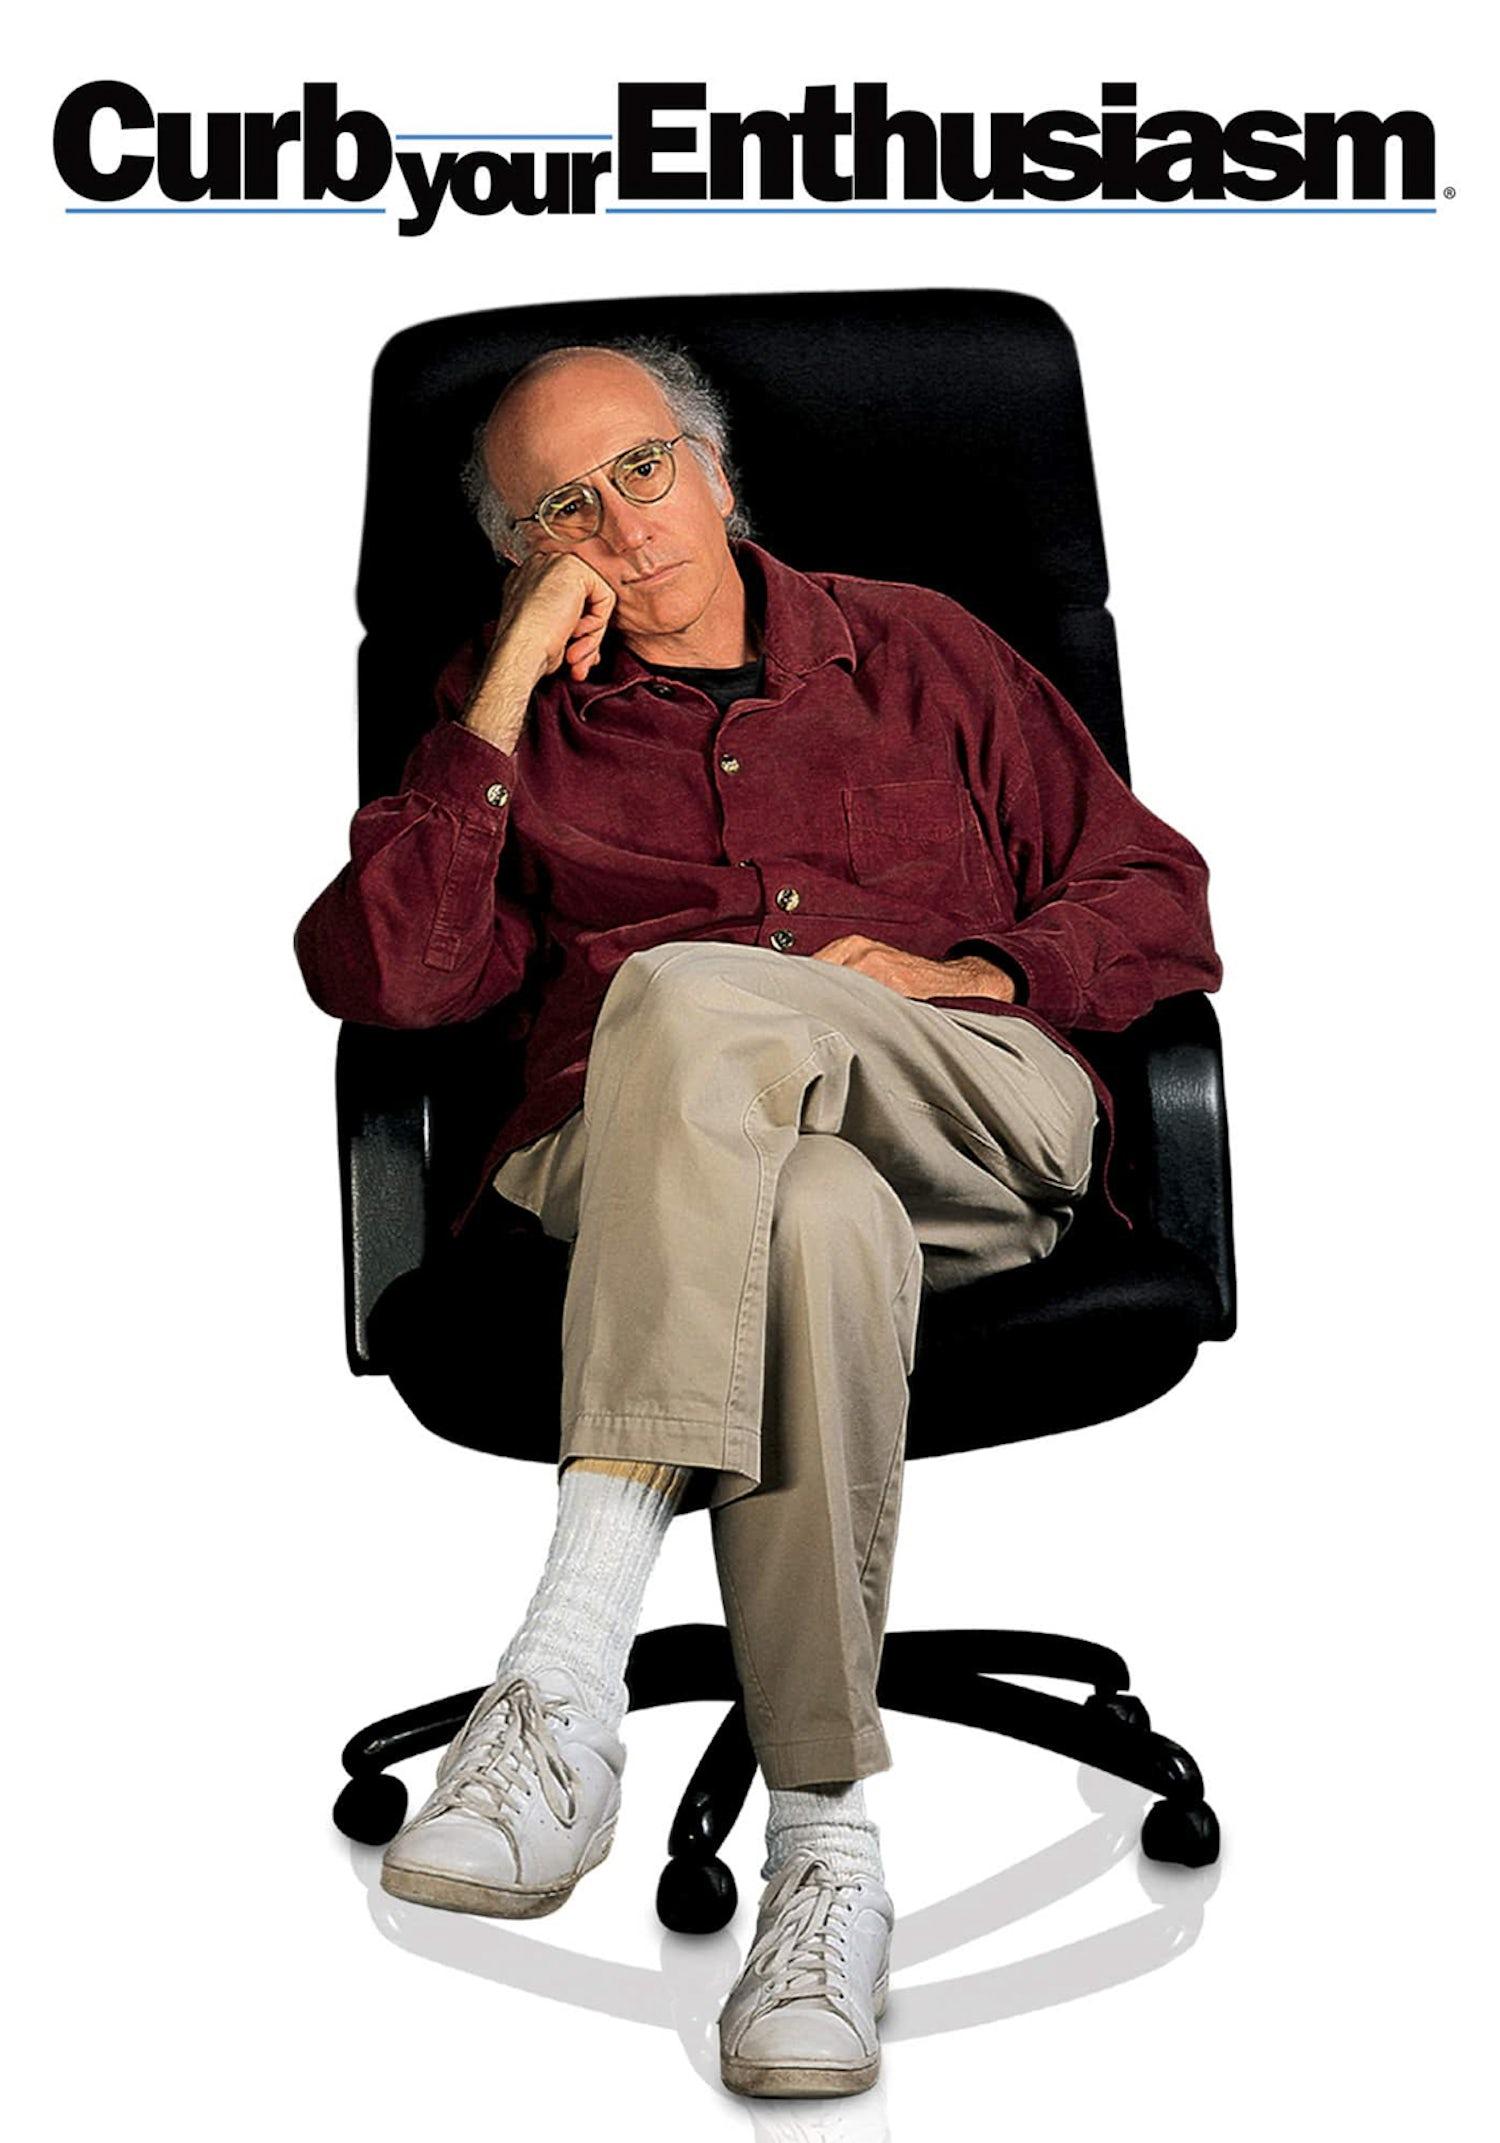 Larry David Sneaker style